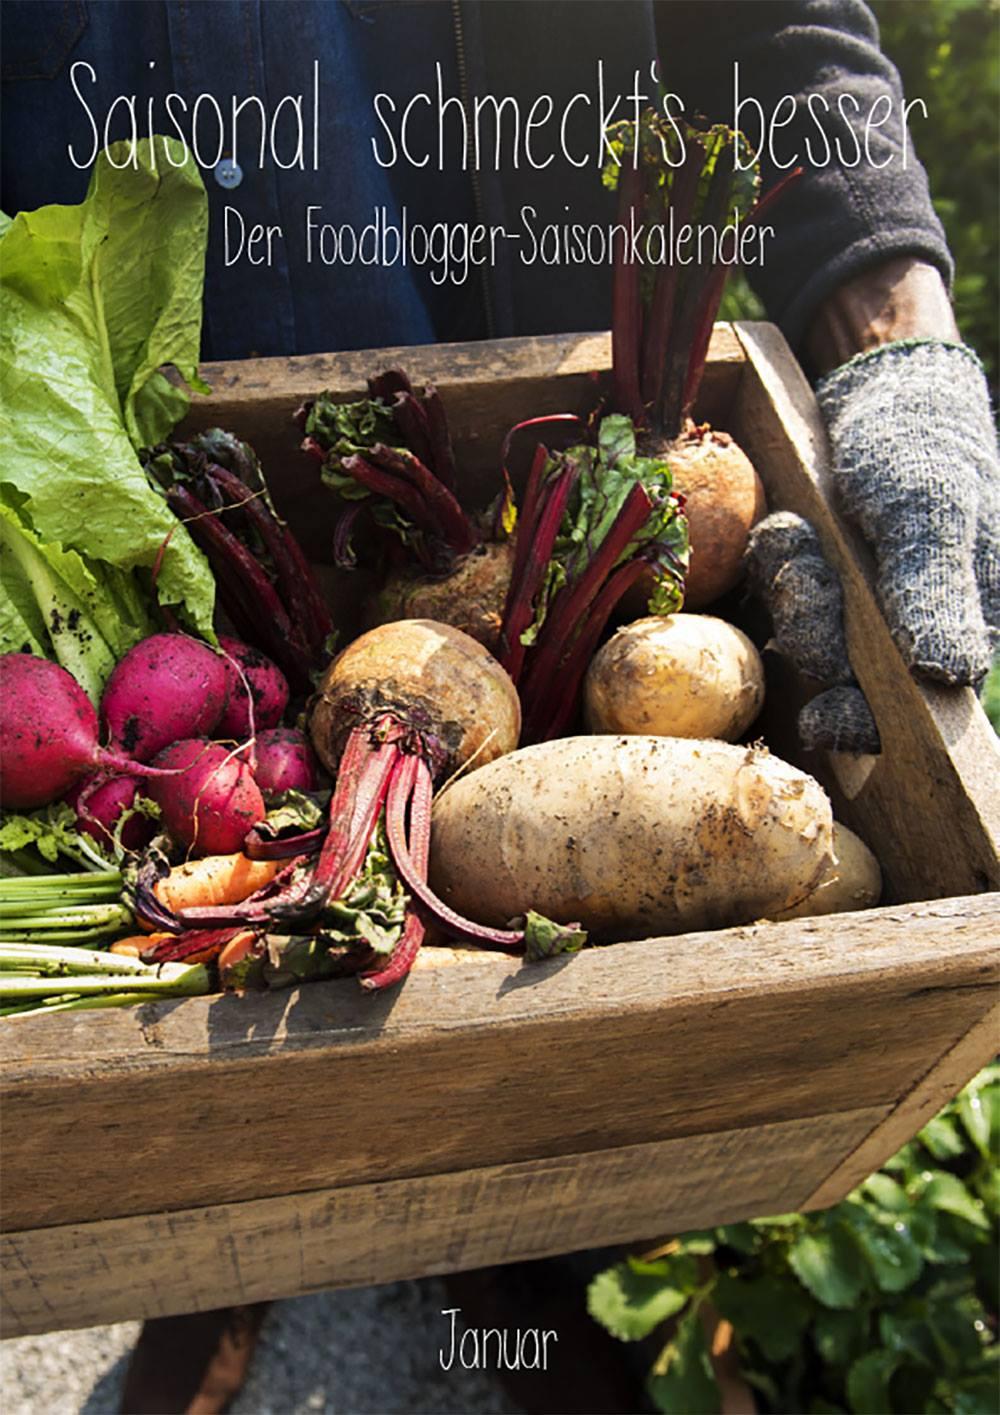 Saisonal schmeckt's besser Januar-Ebook